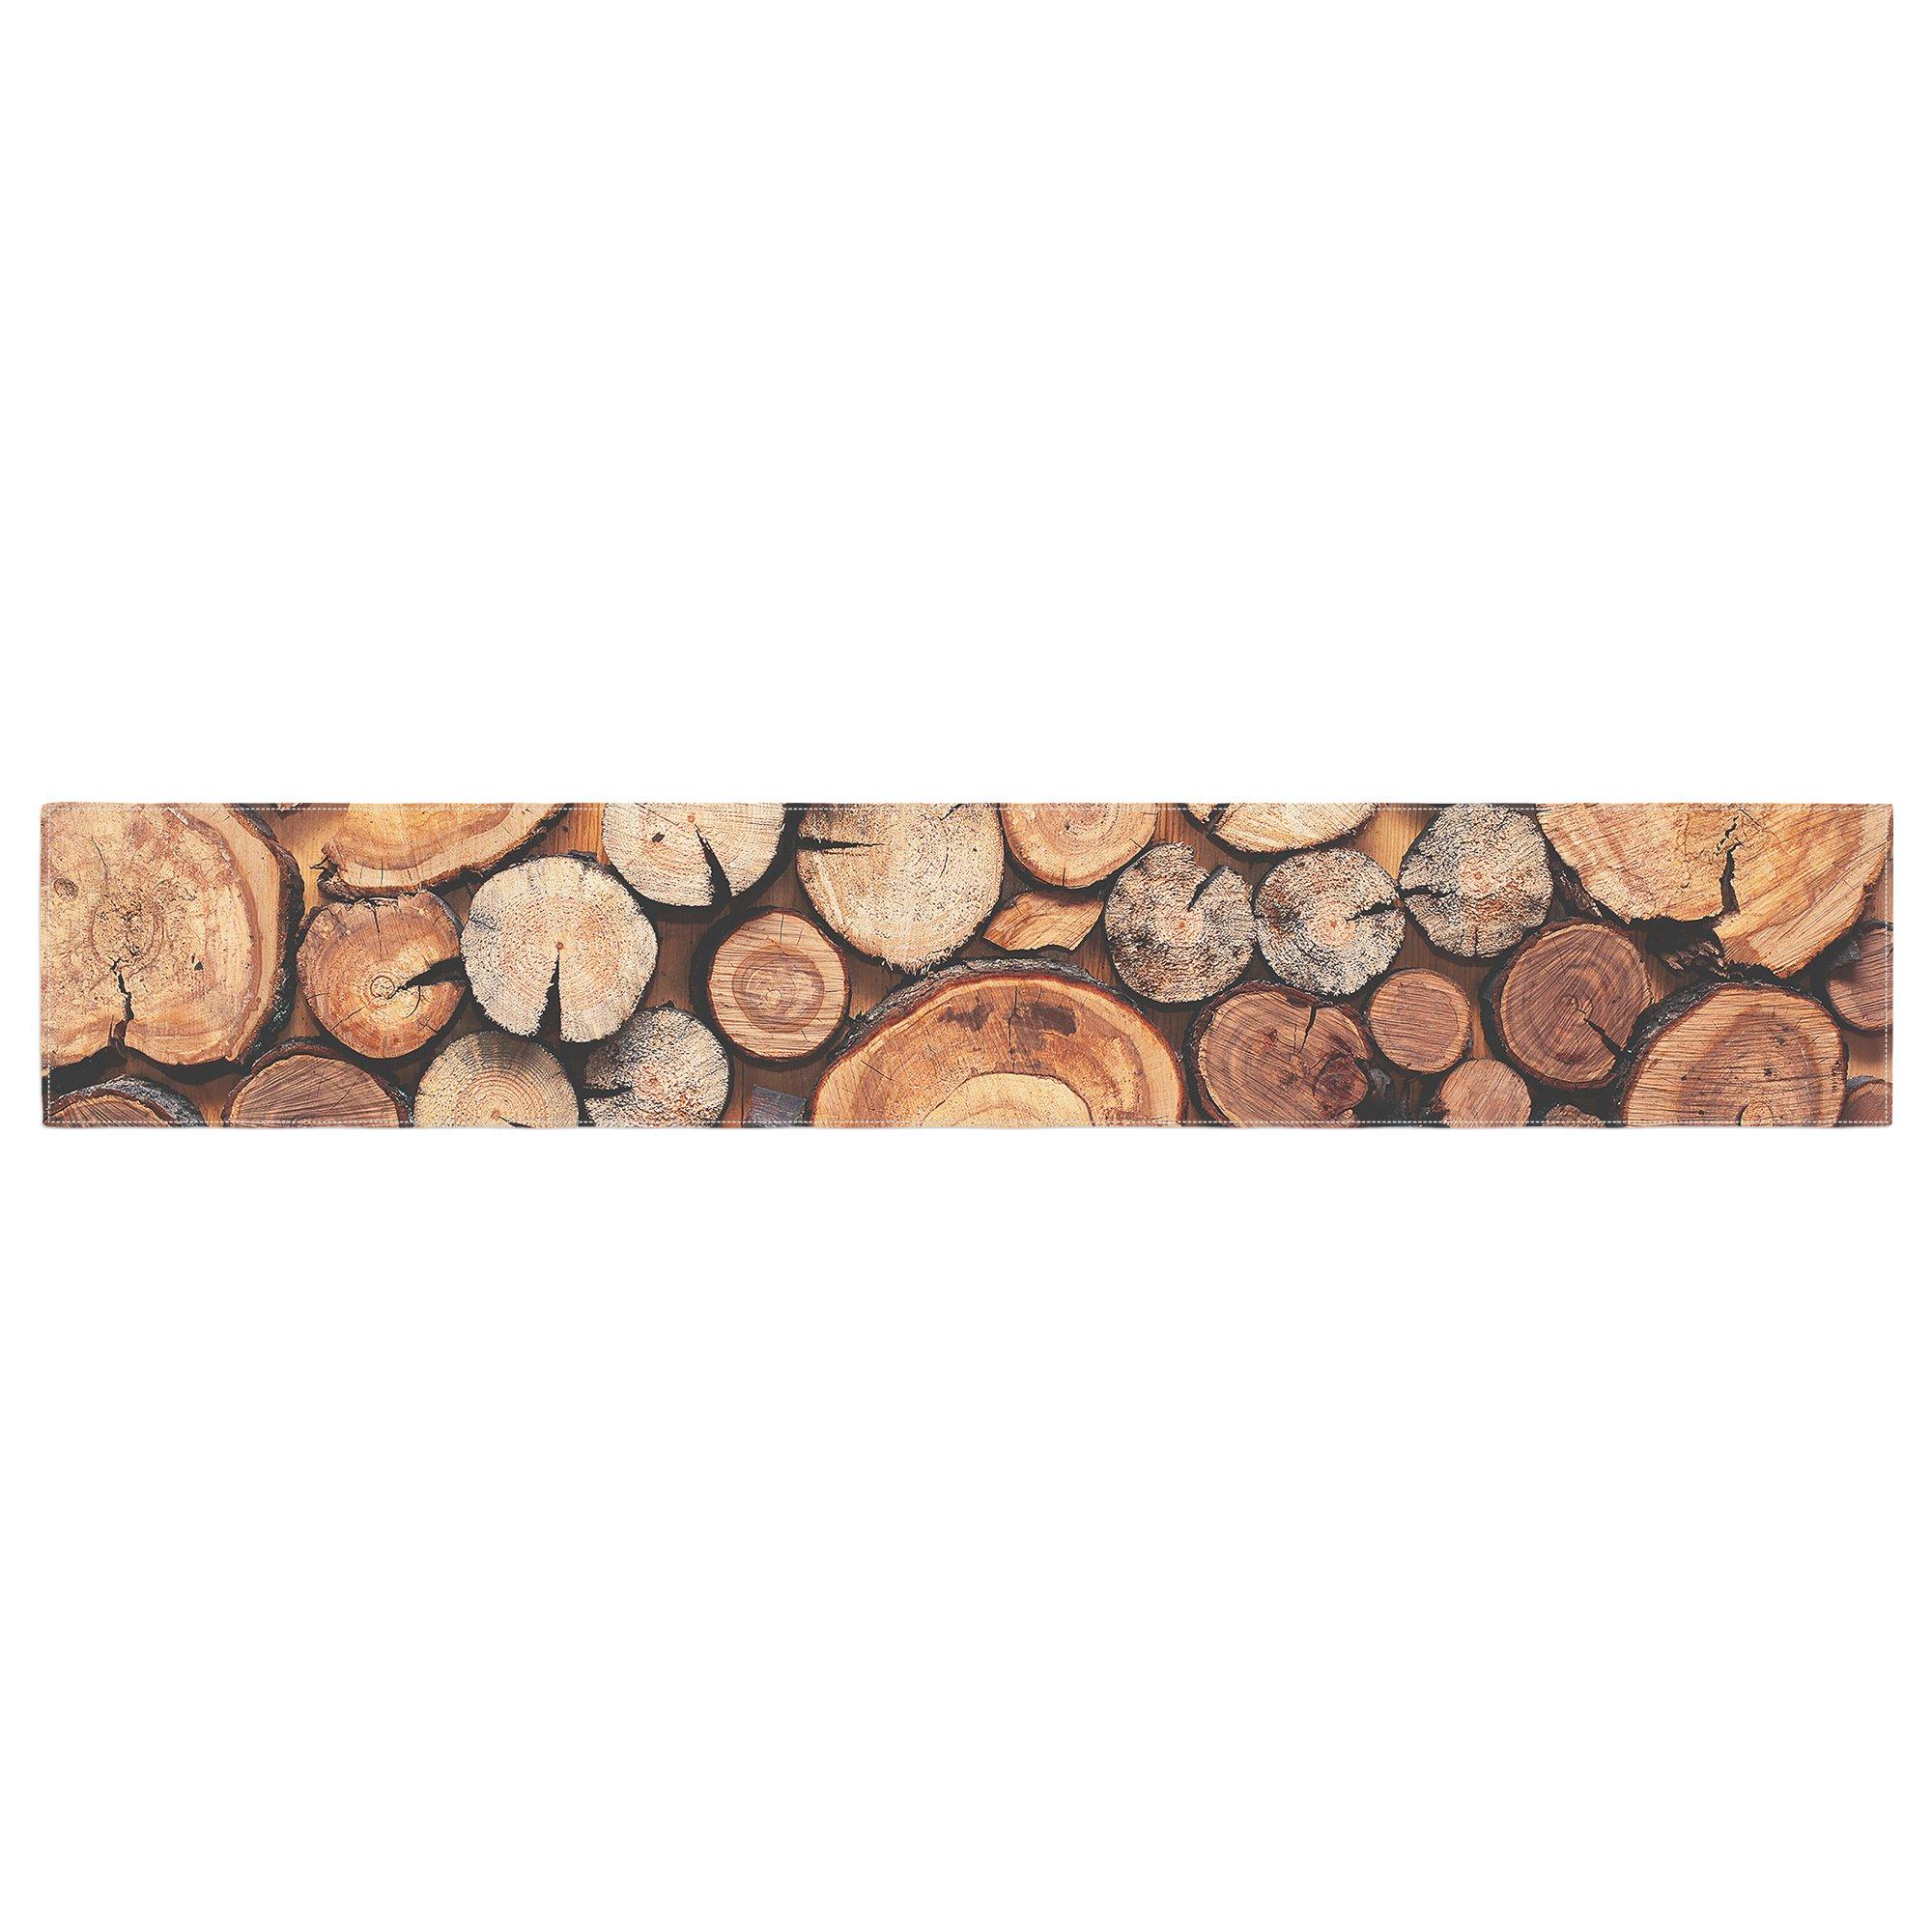 KESS InHouse Susan Sanders ''Rustic Wood Logs'' Brown Tan Table Runner, 16'' x 90'' by Kess InHouse (Image #1)